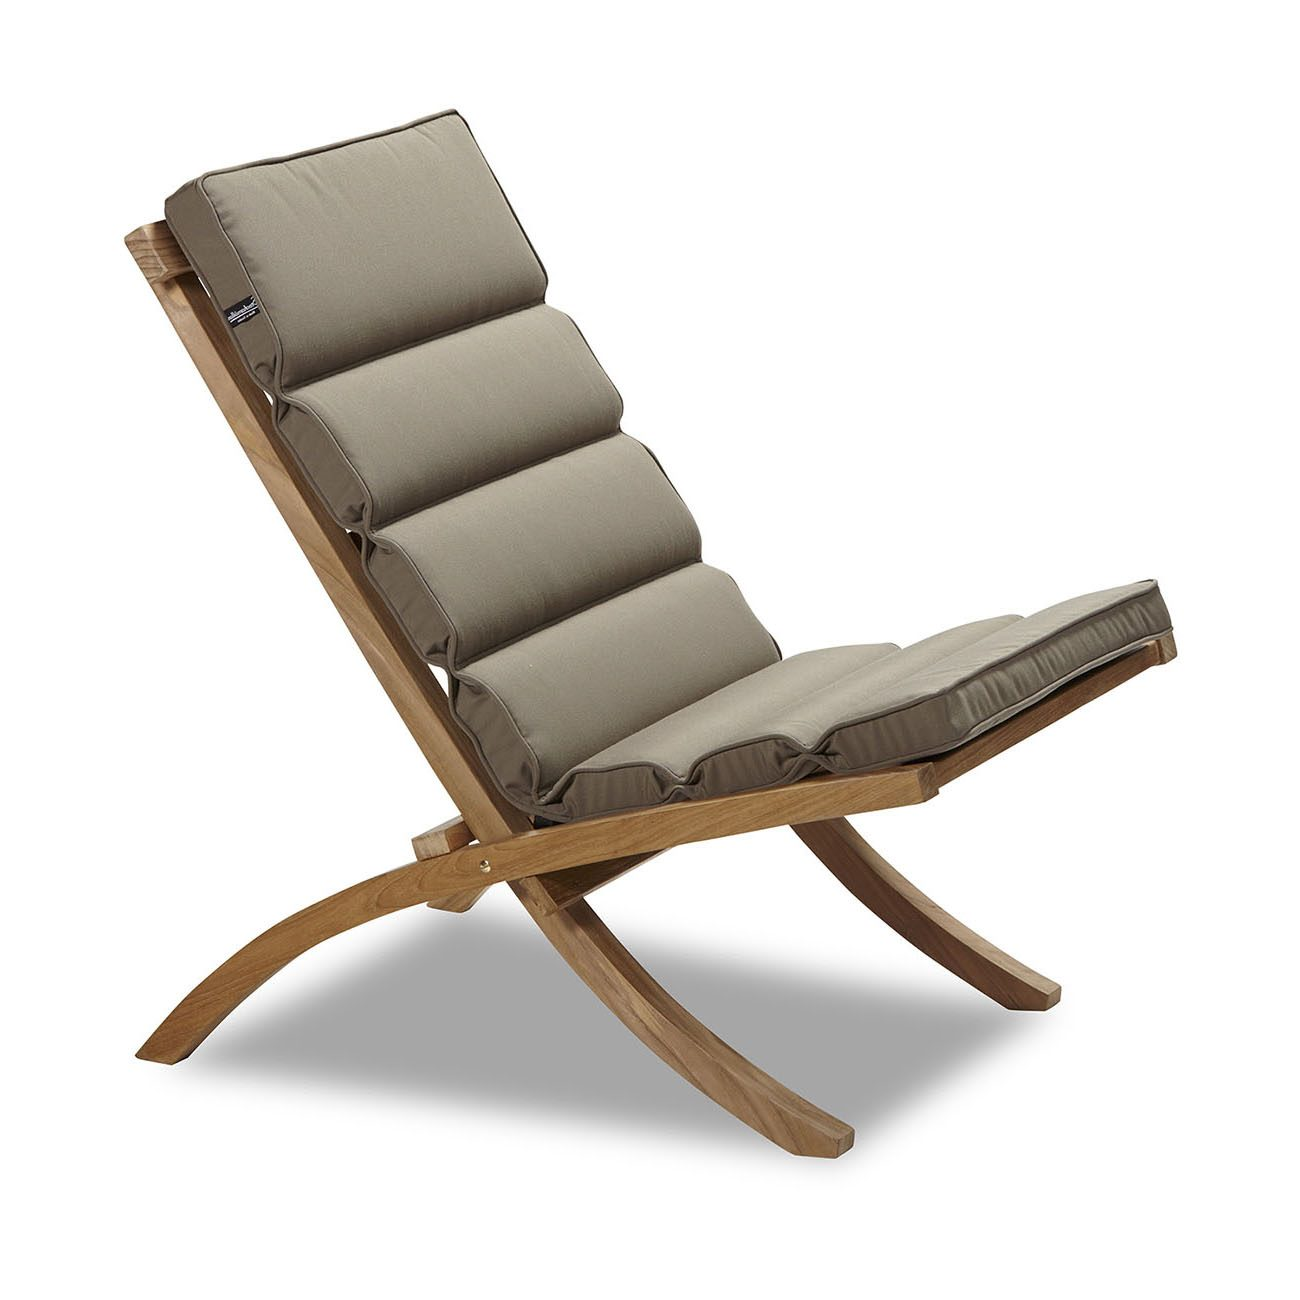 En sandfärgad dyna i Musko stol från Stockamöllan.